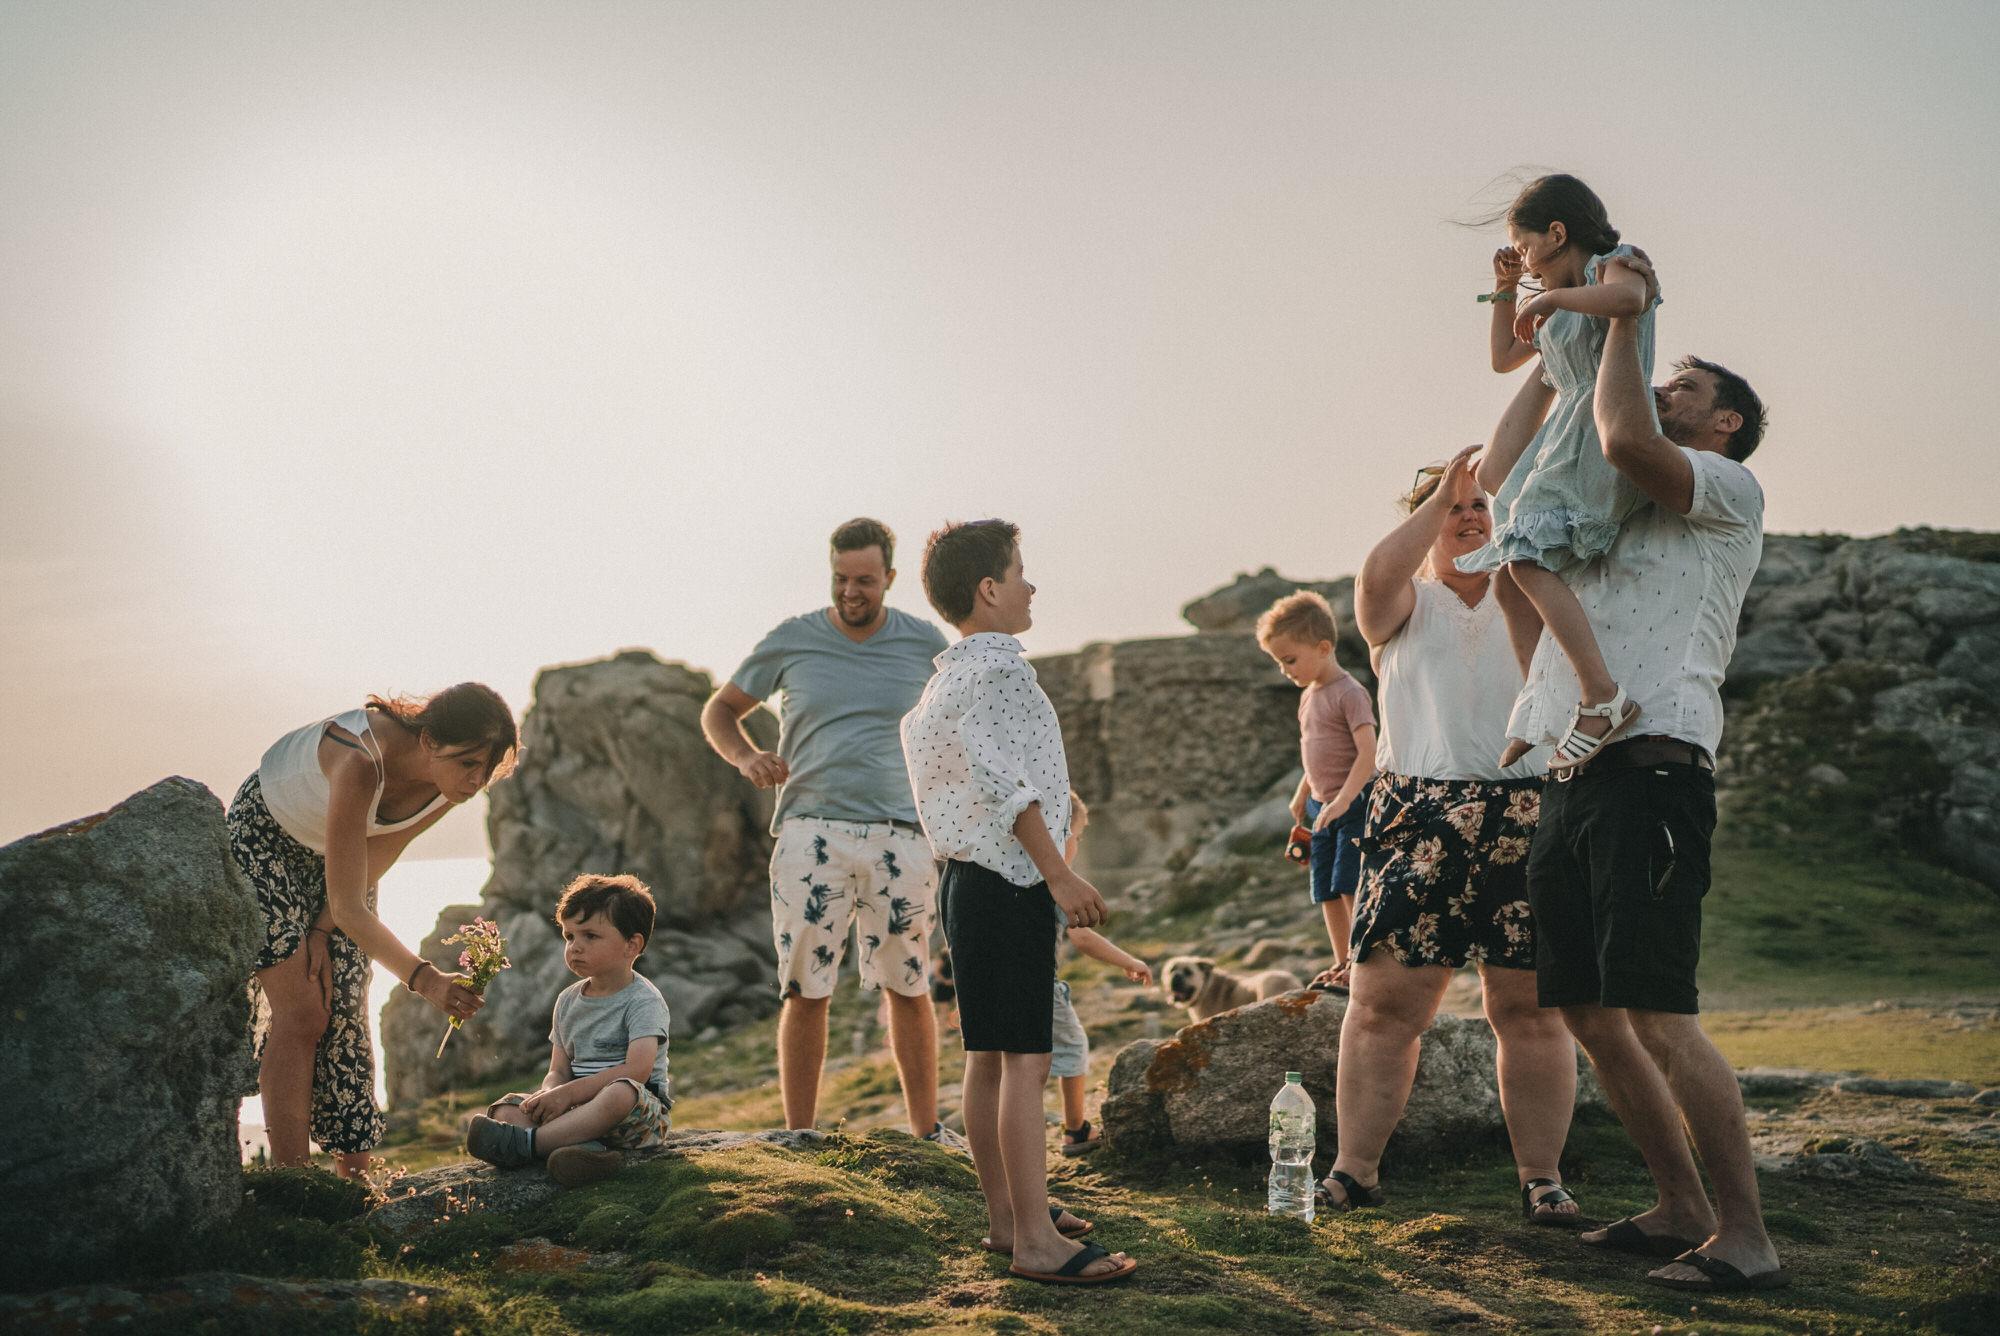 2021.07.20 Photo De Famille A Porspoder En Bretagne Par Antoine Borzeix 170, Photographe & Videaste à Brest / Finistère